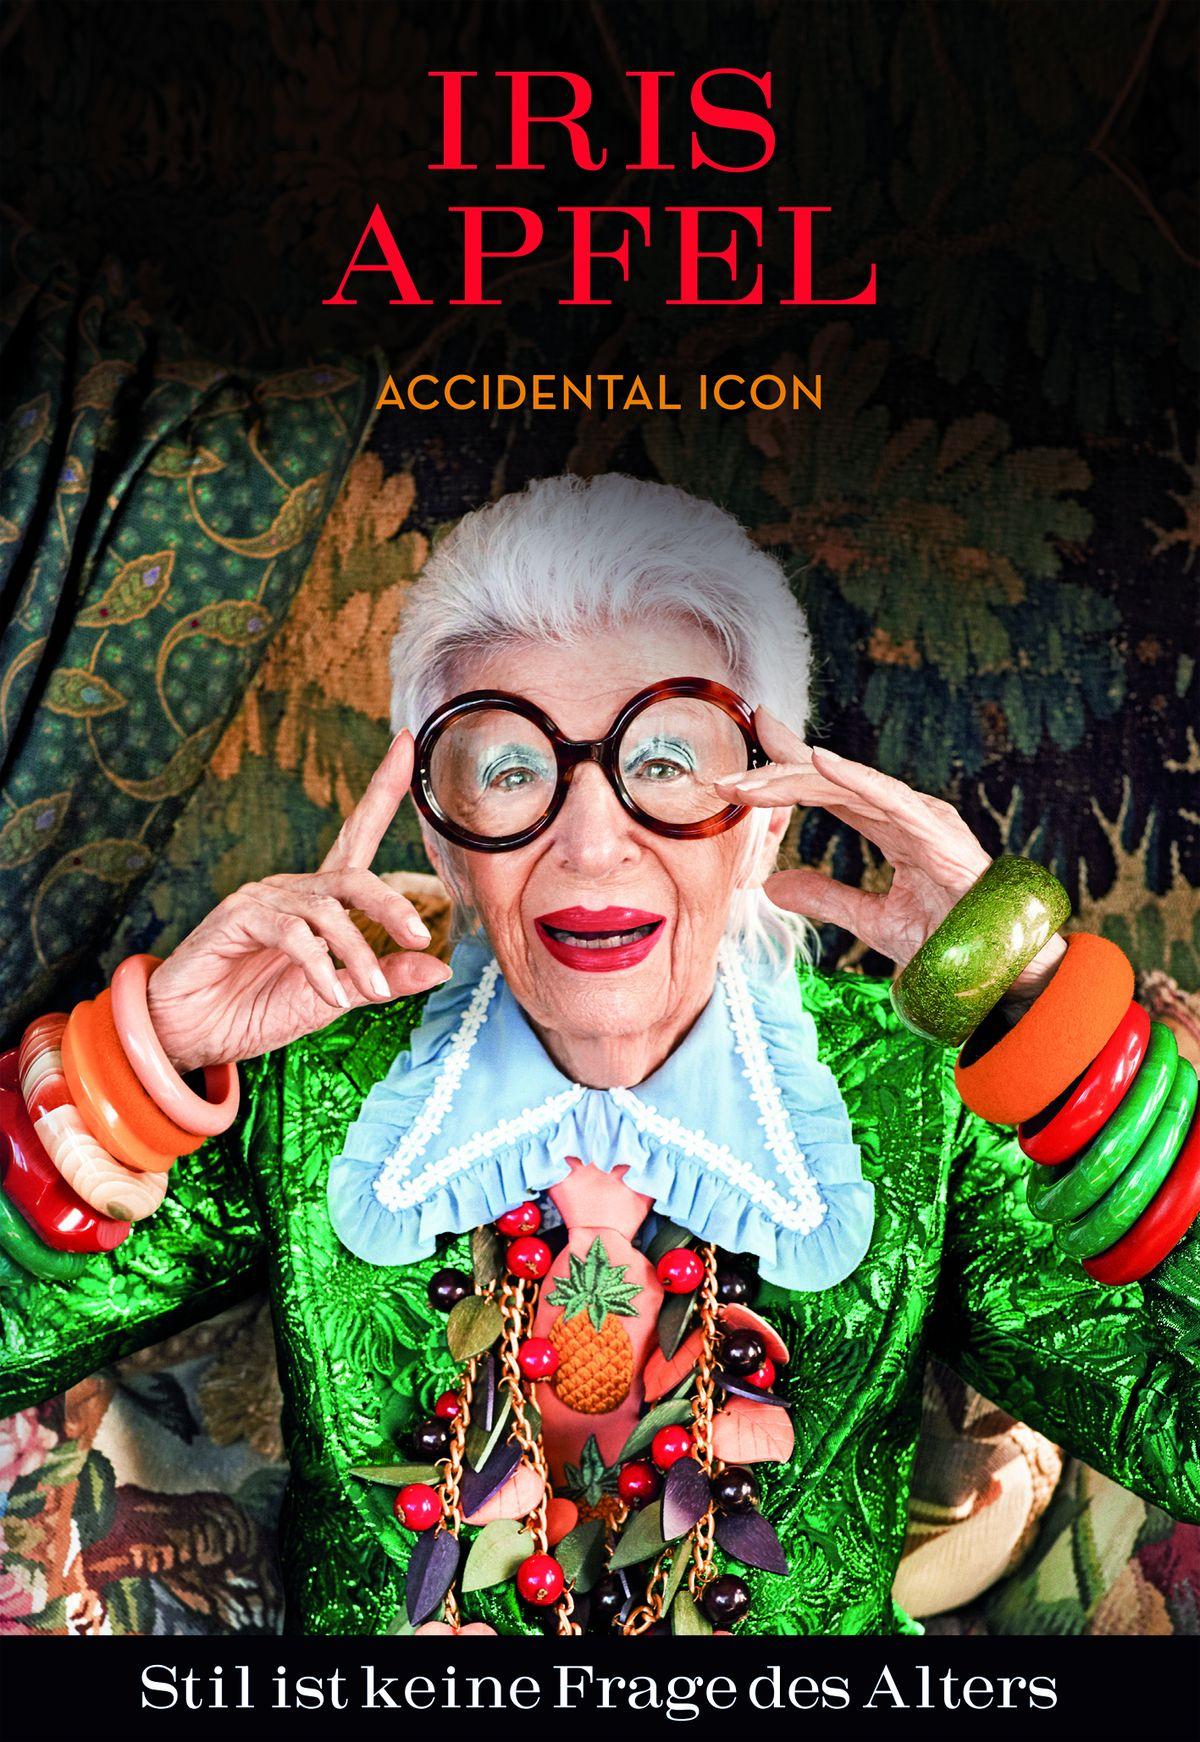 Iris Apfel | Stil ist keine Frage des Alters | Accidental Icon ISBN 978-3-03876-146-4 | 25,- Euro